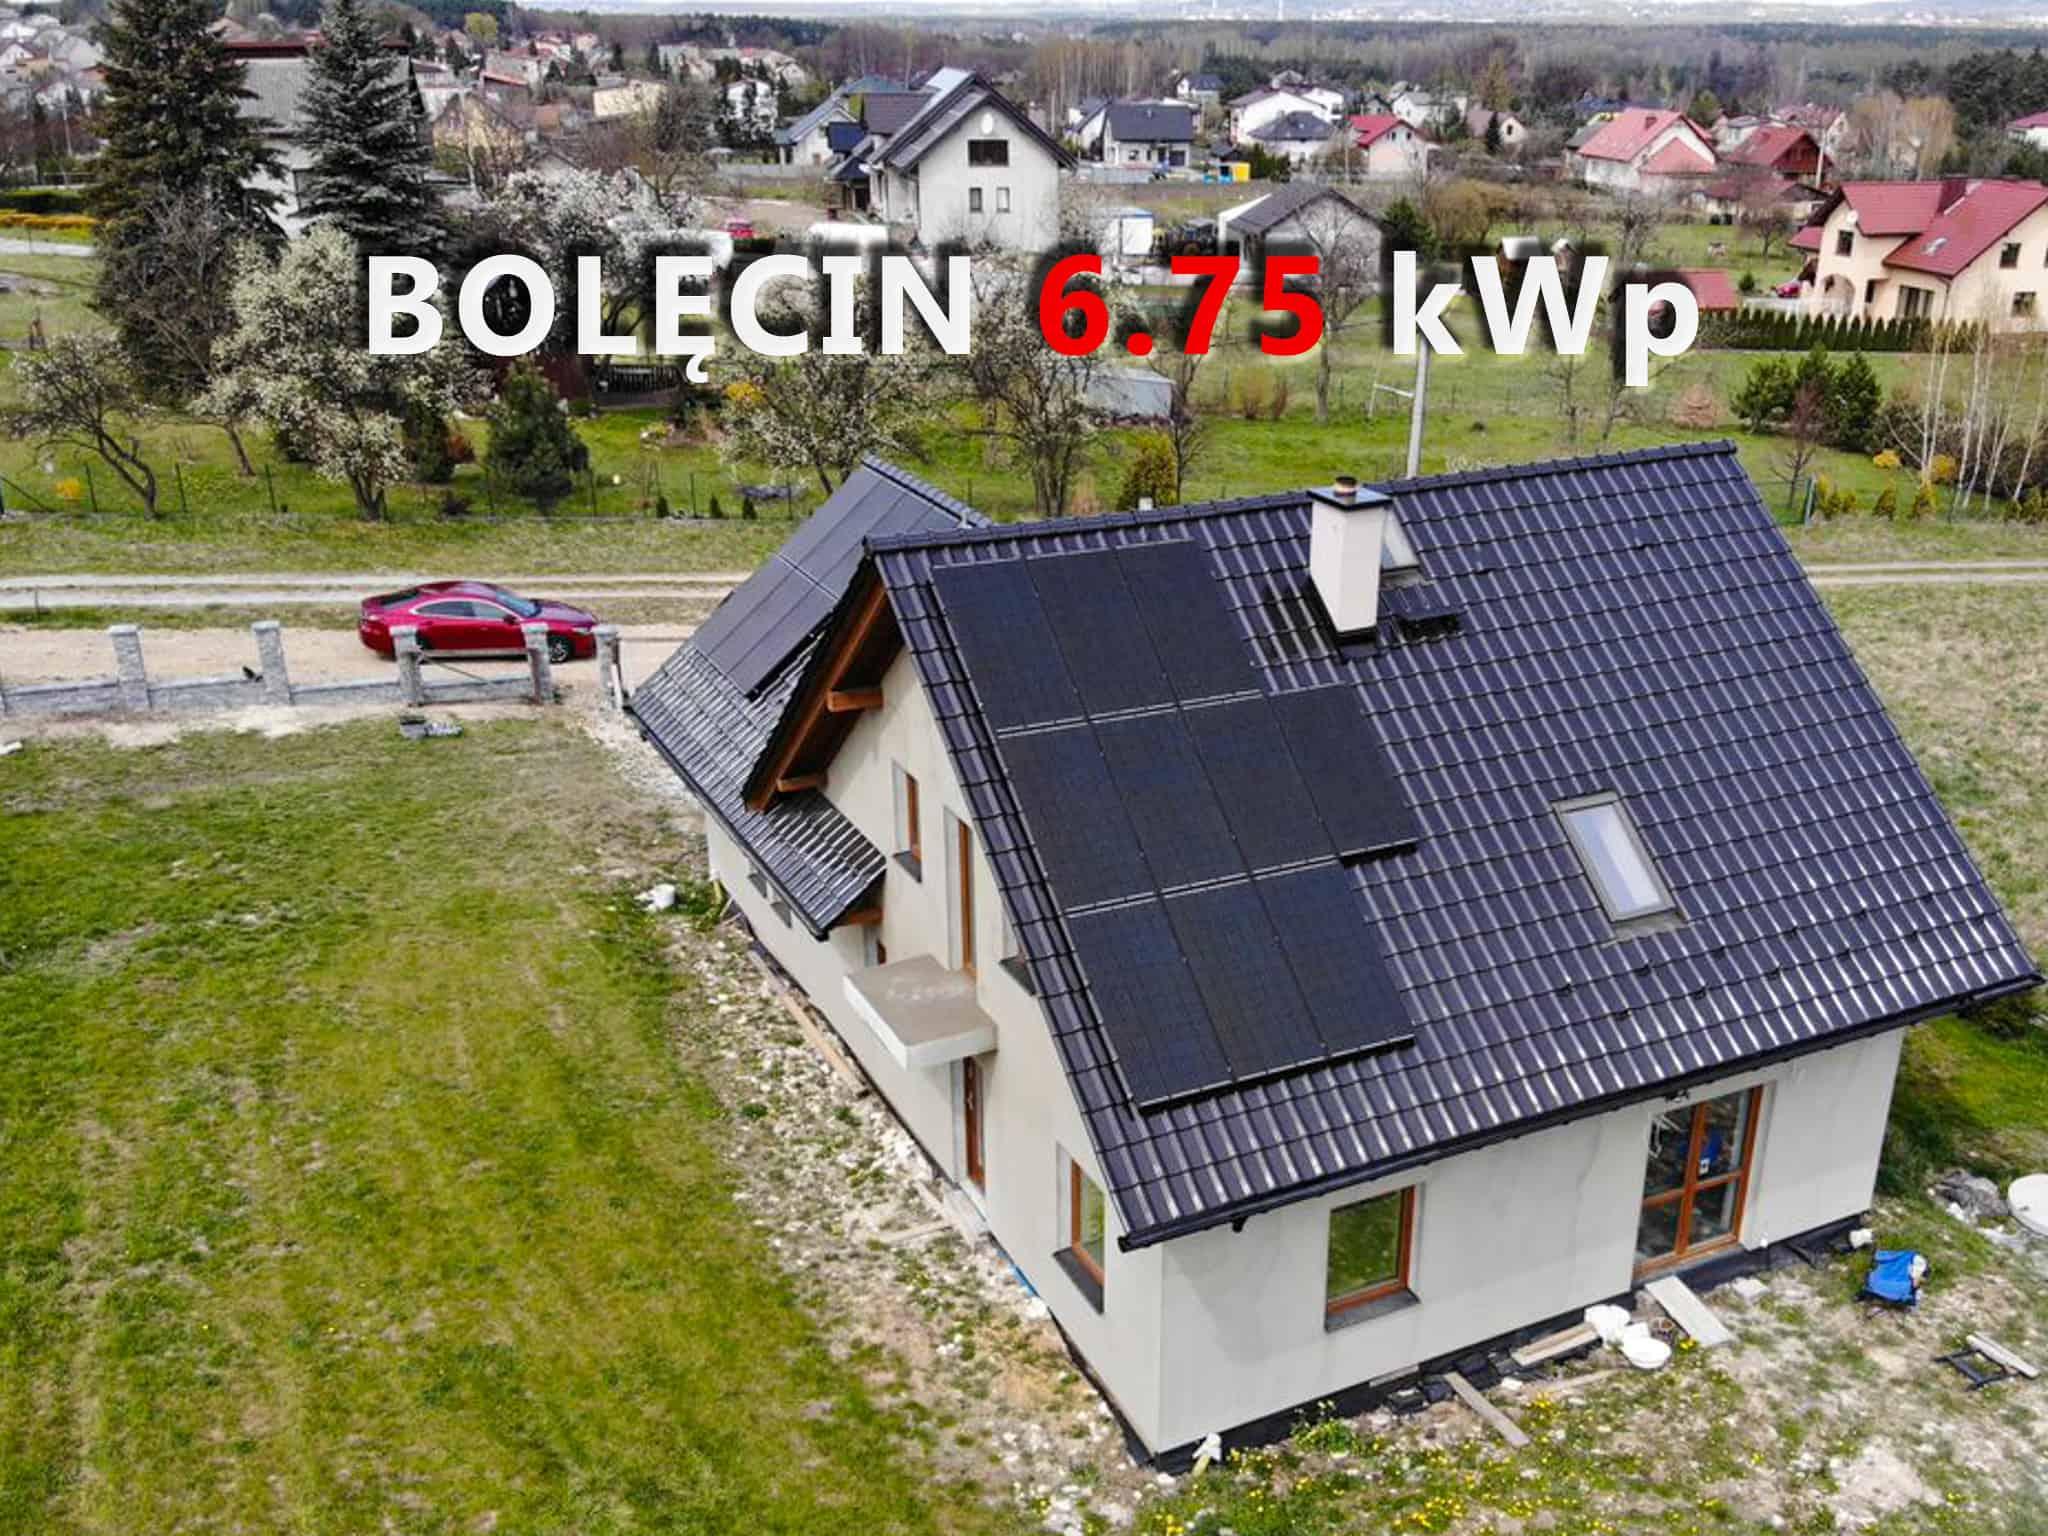 Bolęcin 6.75 kWp